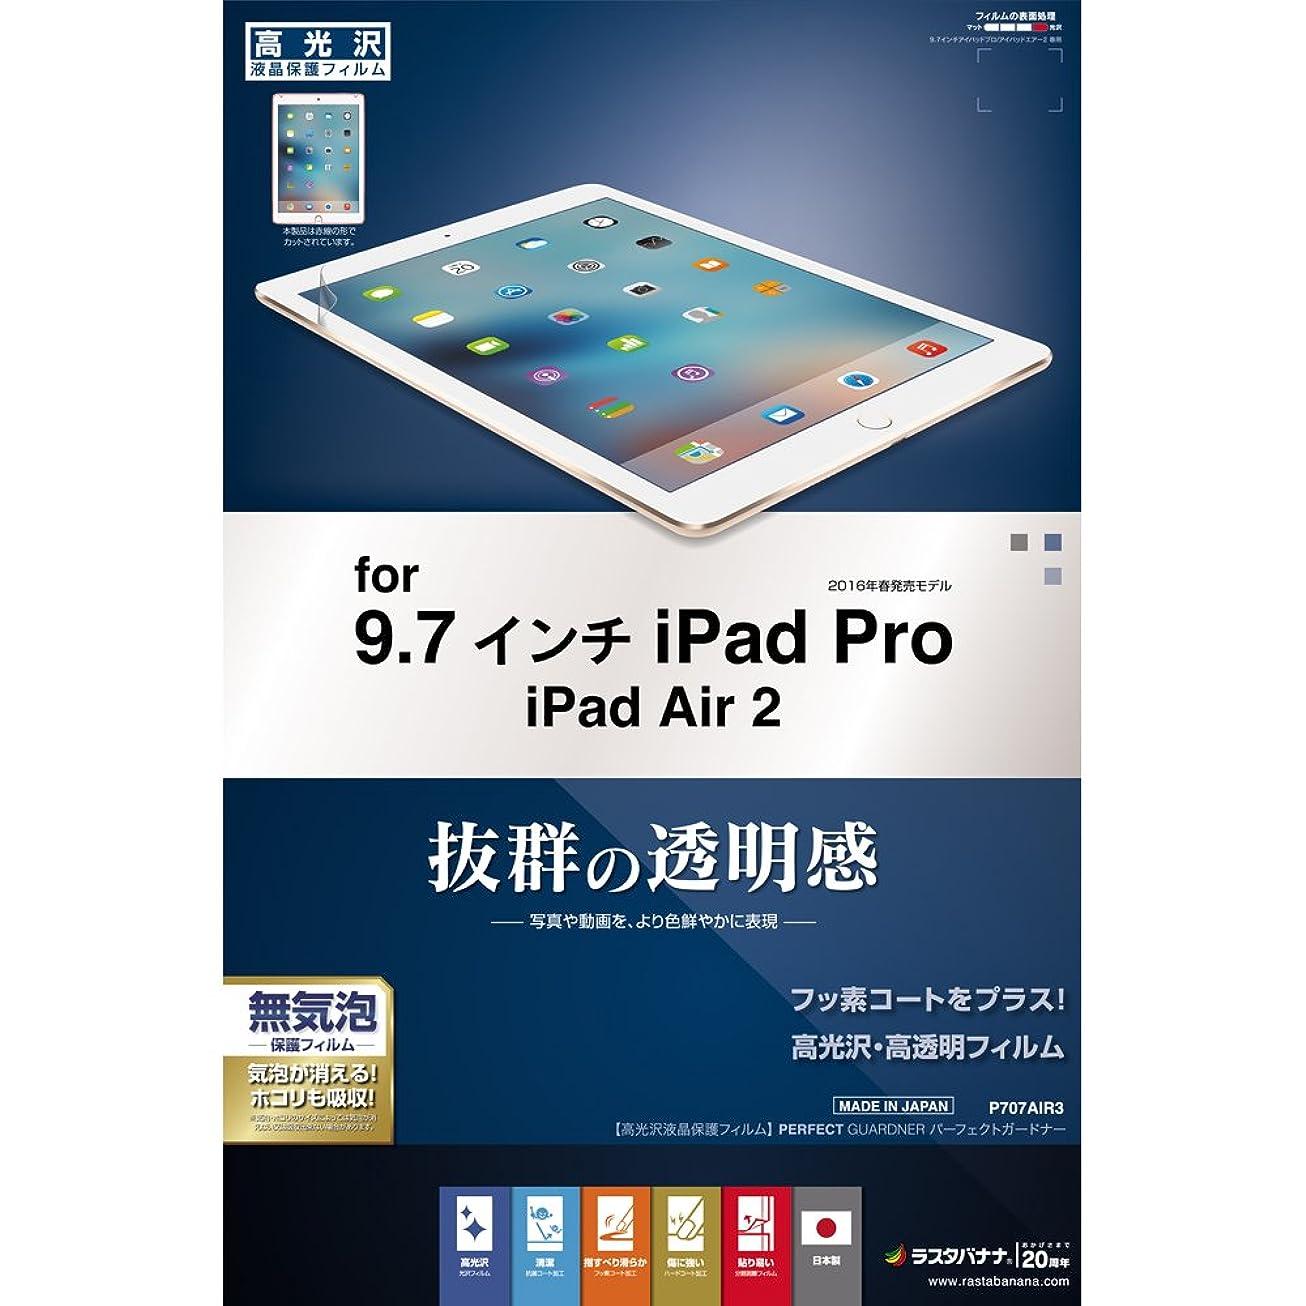 オーラル漁師まだラスタバナナ iPad Pro 9.7インチ フィルム 高光沢 アイパッド プロ 液晶保護フィルム 日本製 P707AIR3